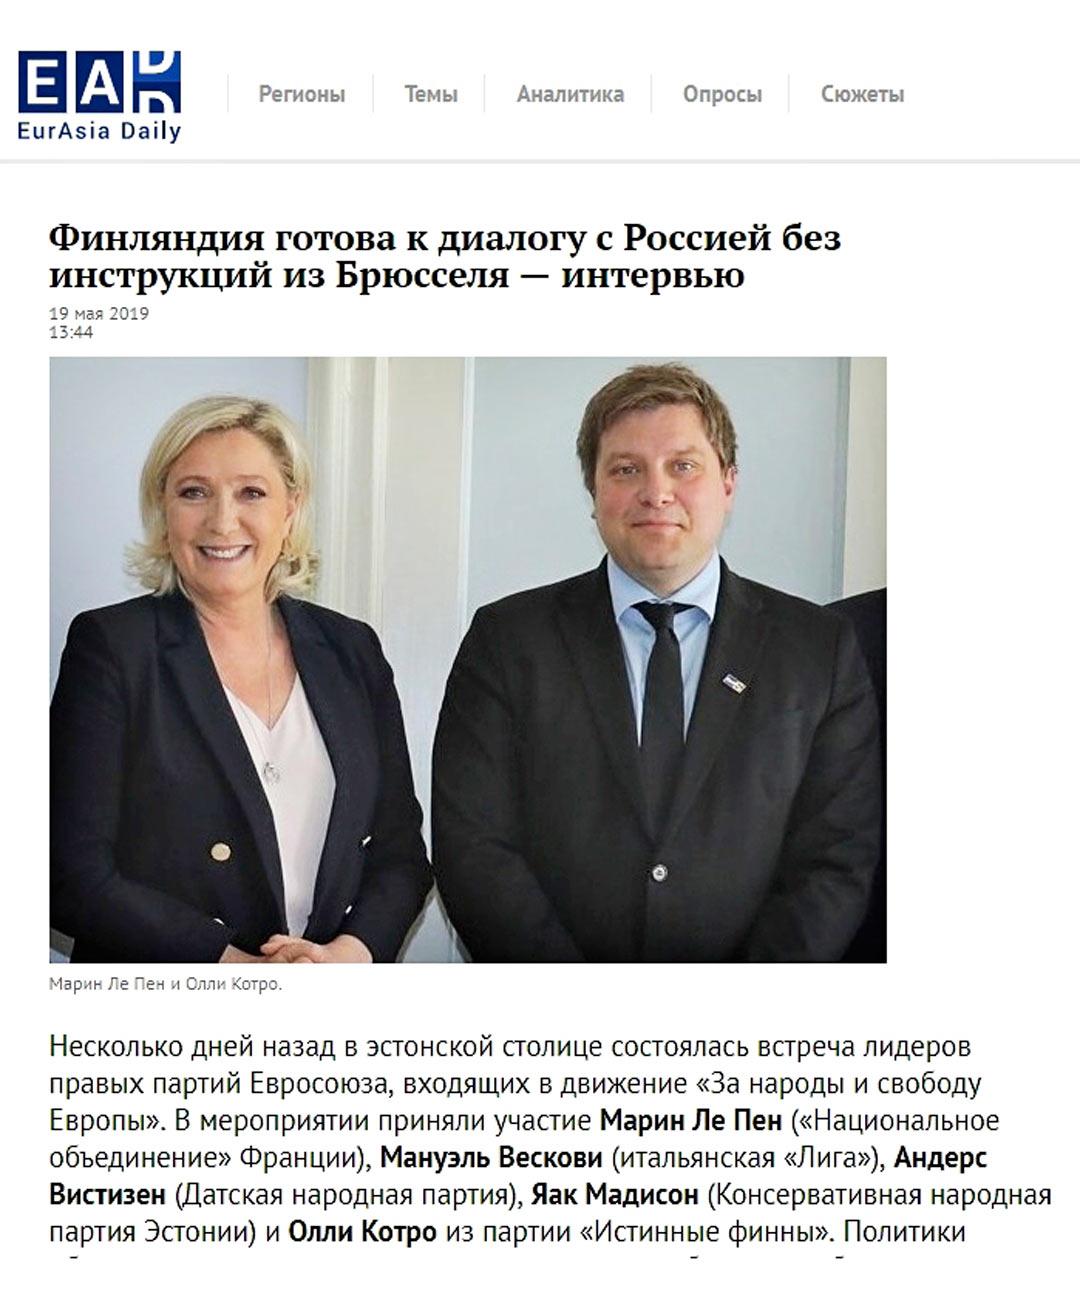 Venäläismedia